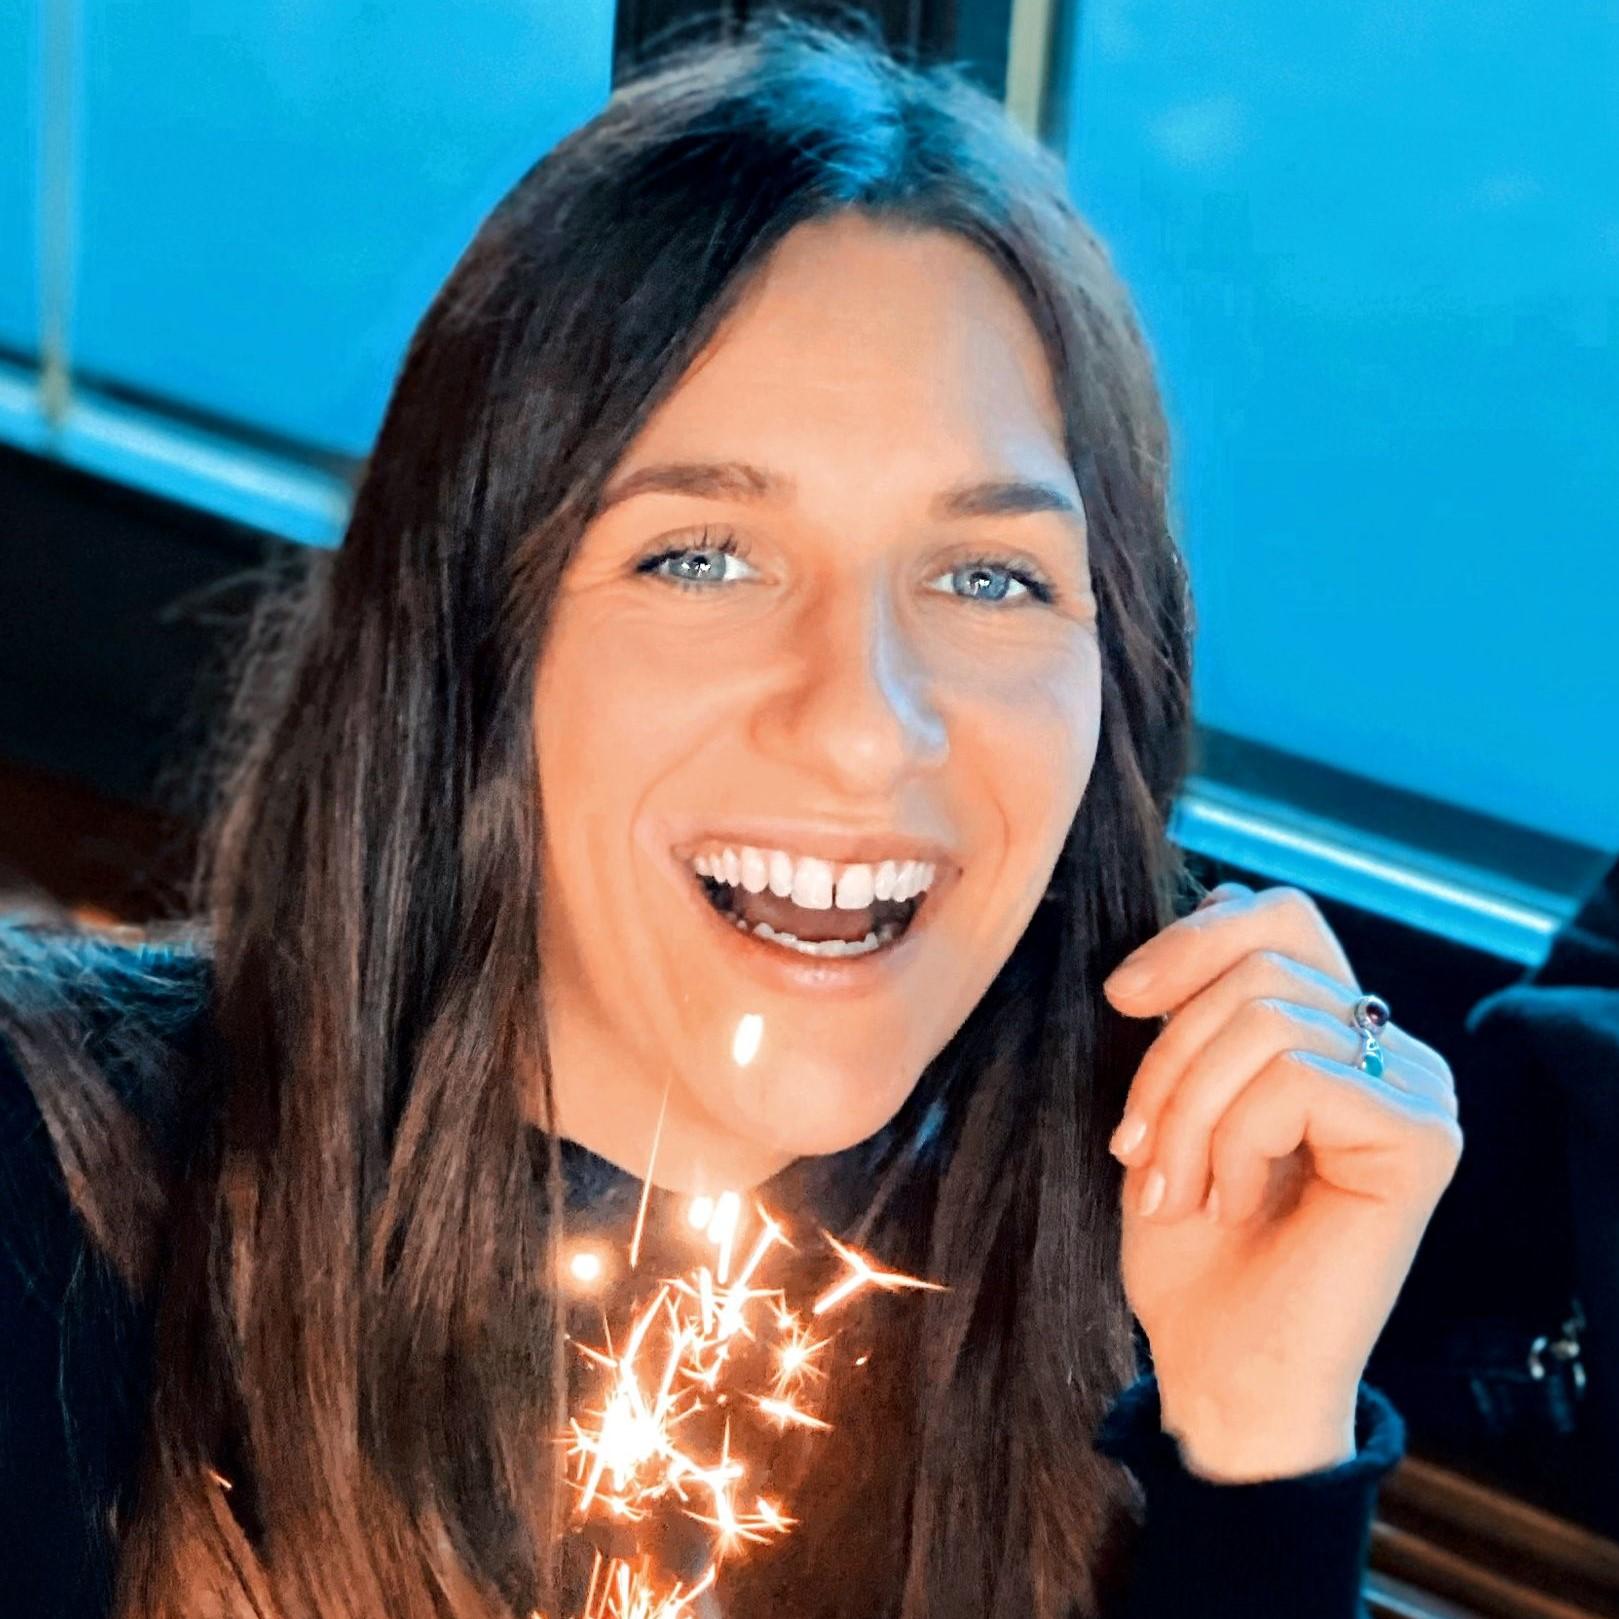 Nicolle Boroni